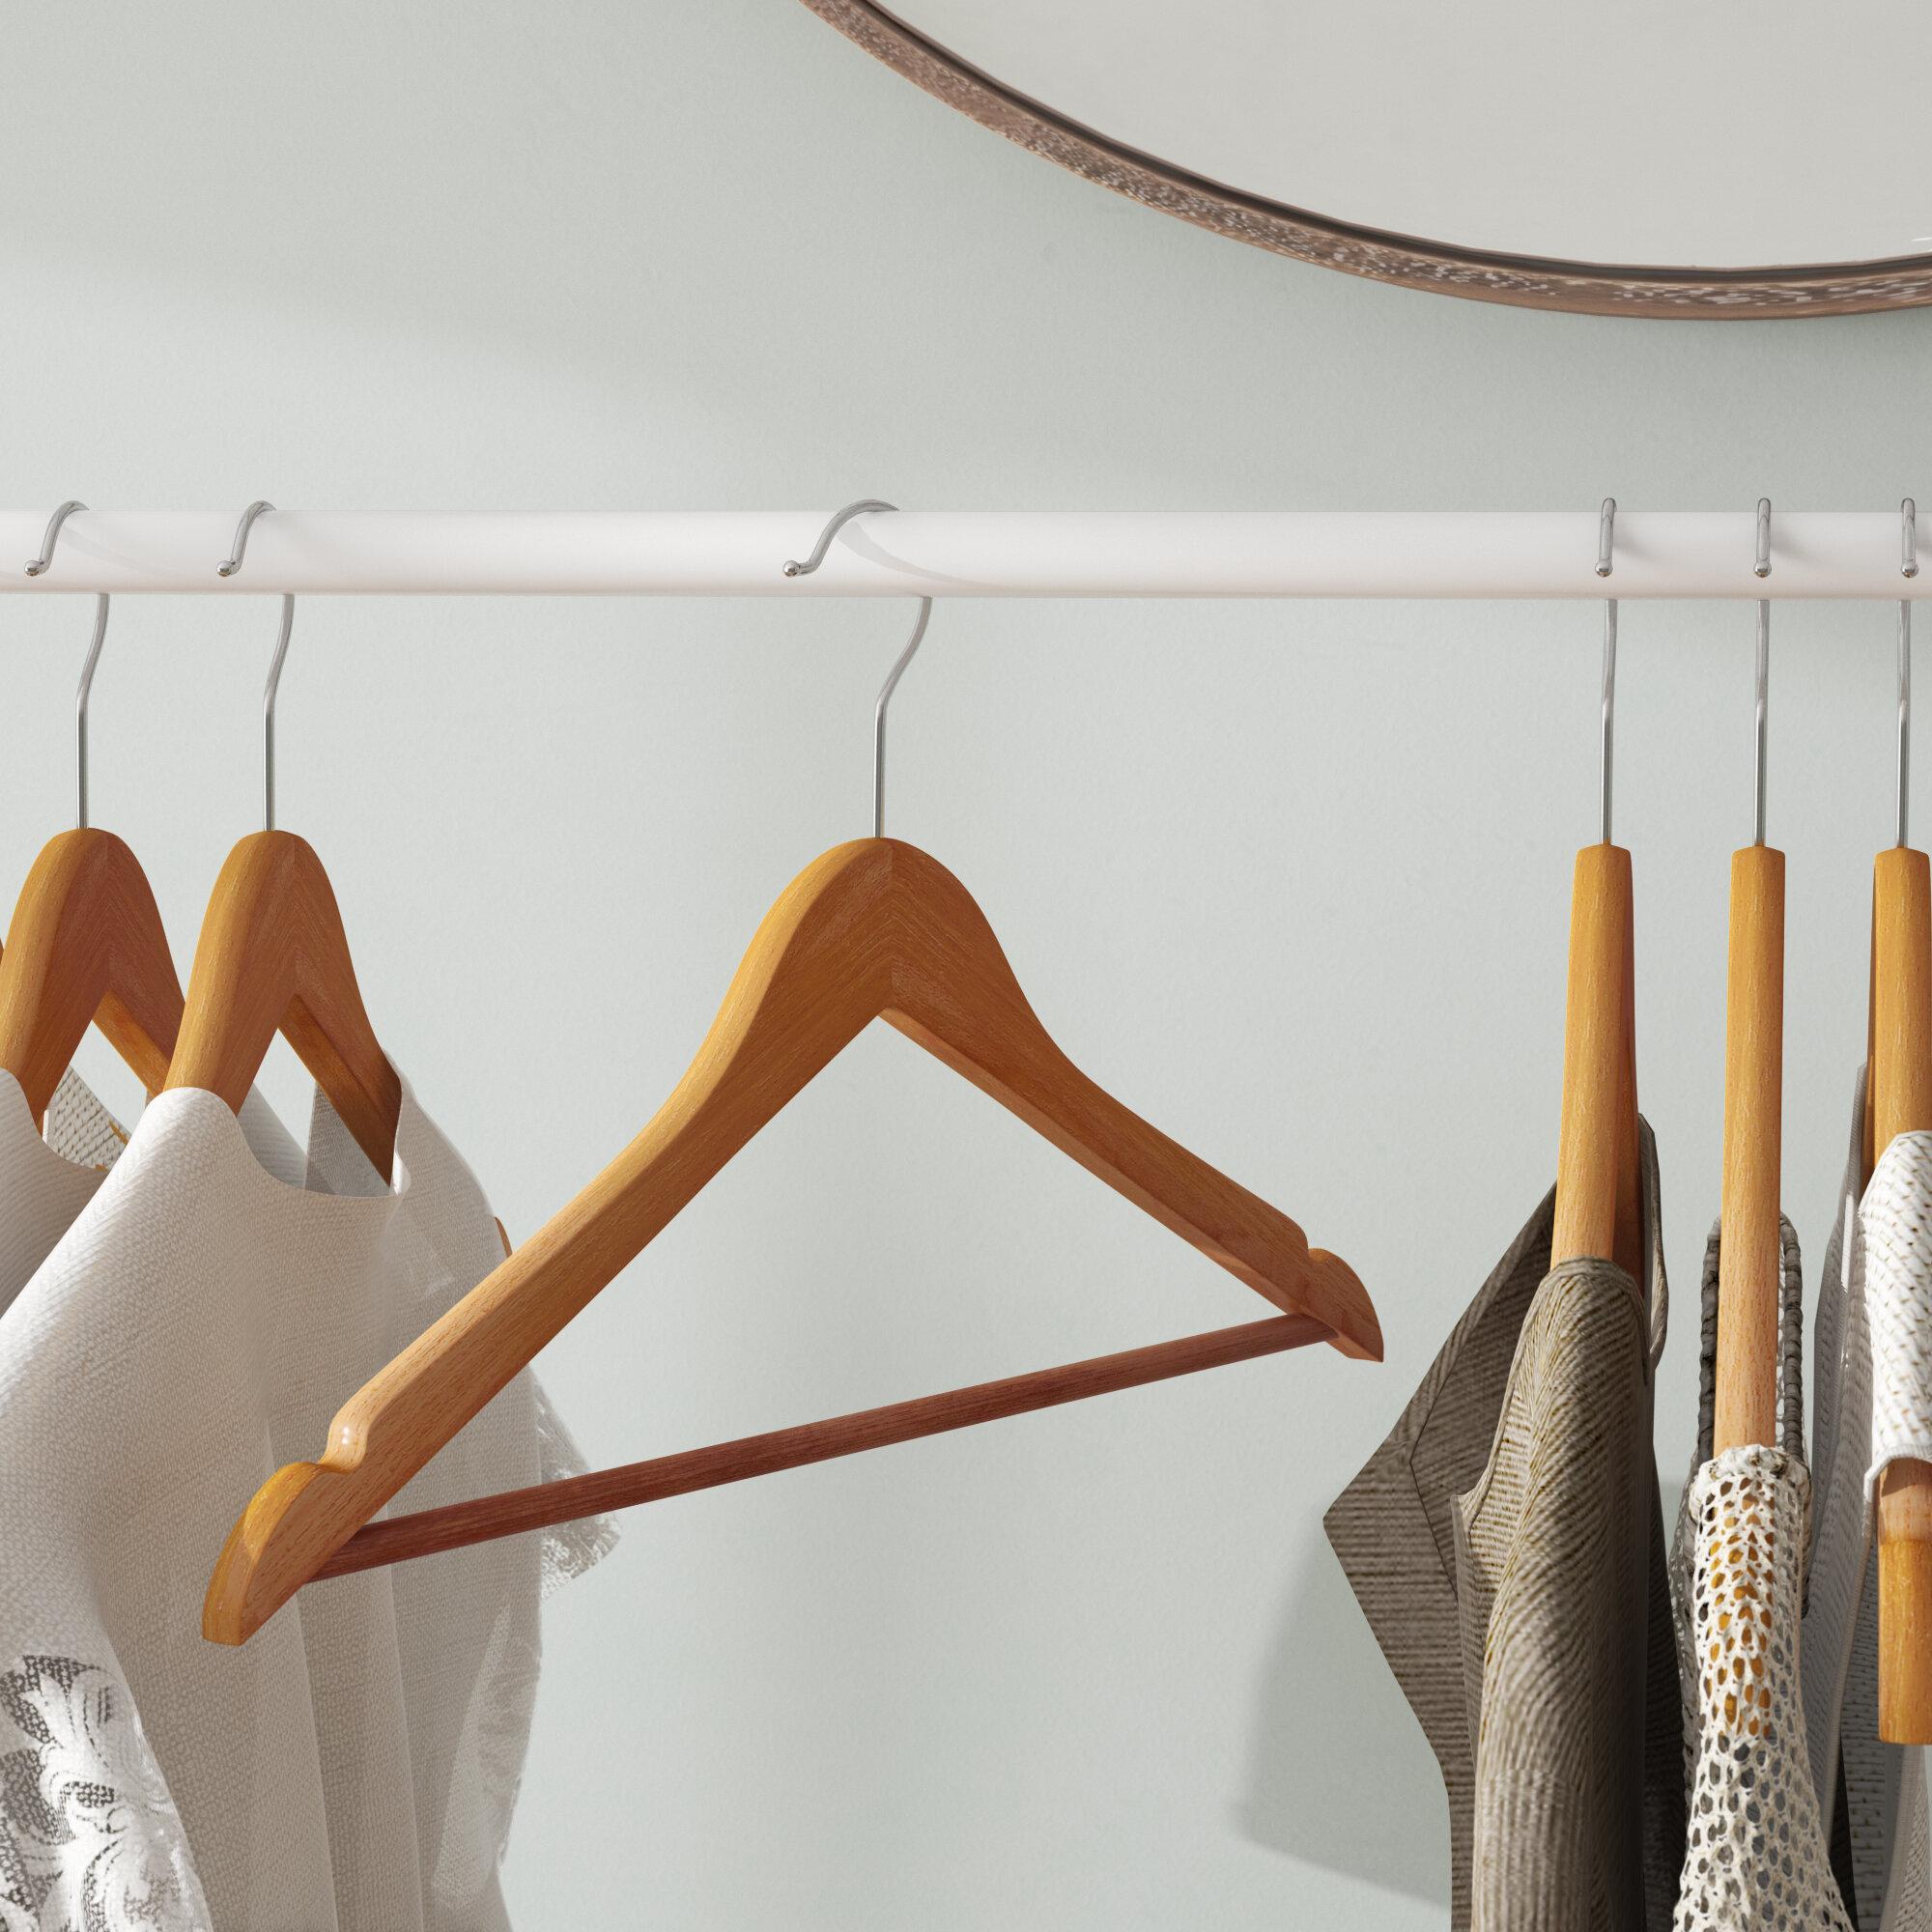 Amber Home American Red Cedar Wood Coat//Suit Hangers Deluxe Non Slip Bar 5 Pcs